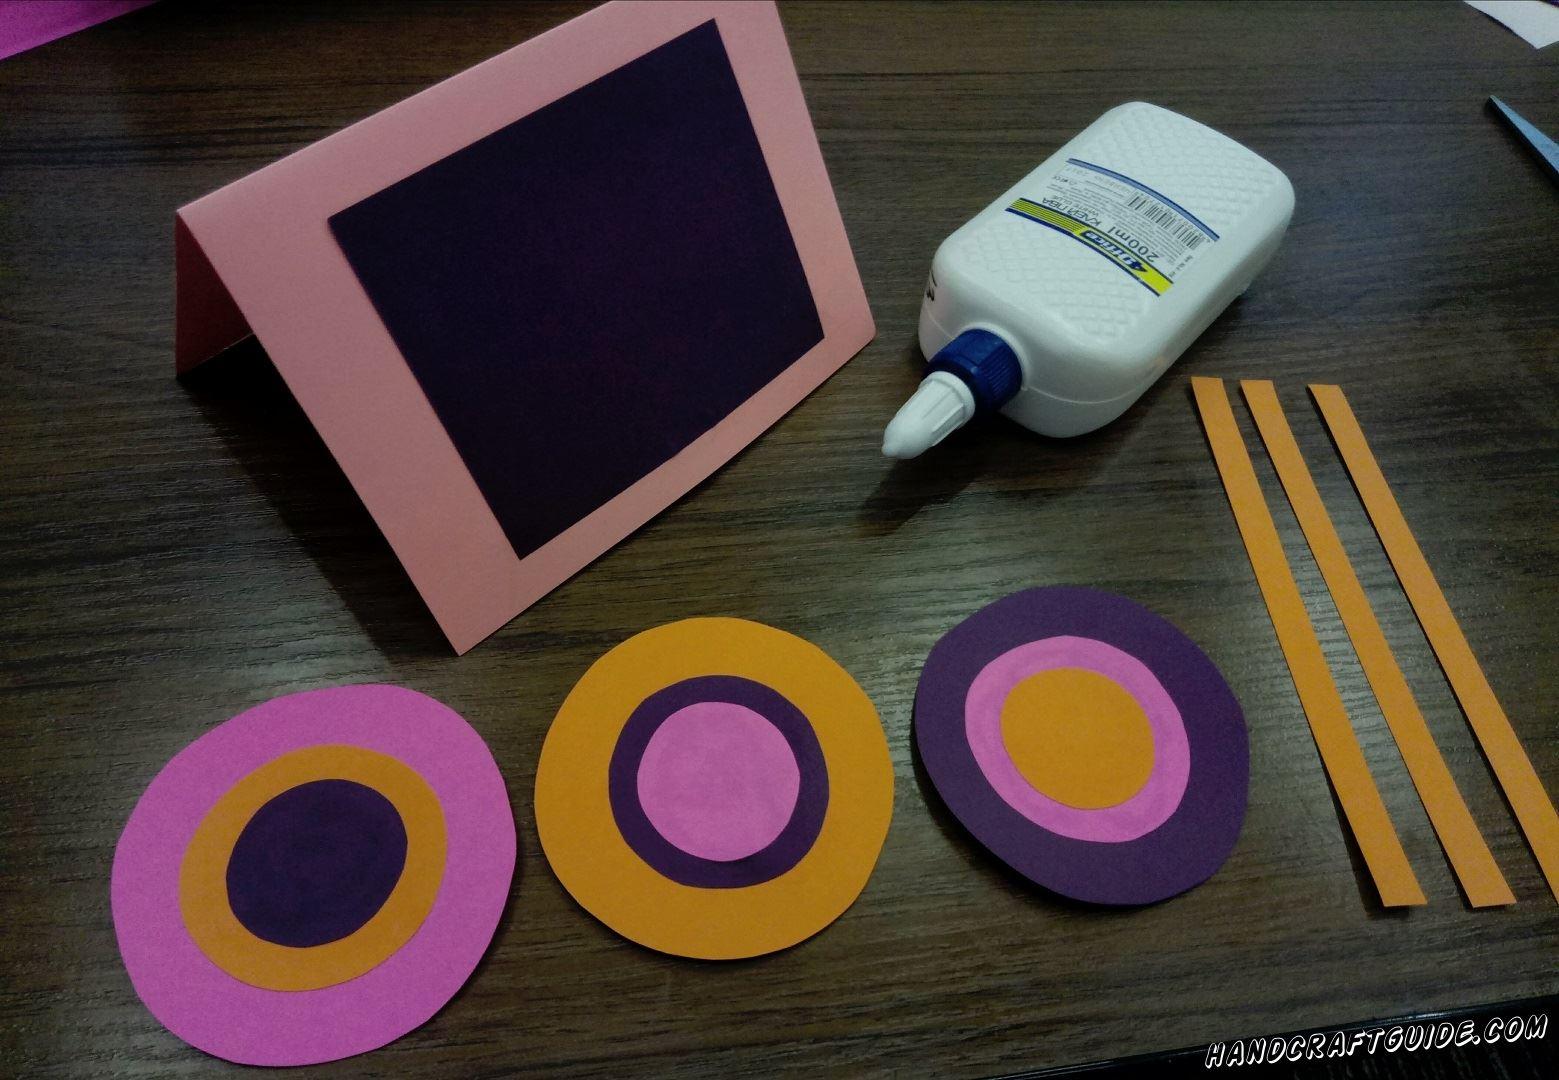 Берём розовый лист и сгибаем его пополам и ставим как подставочку и на одну половинку приклеиваем фиолетовый прямоугольник, но клеем только по краям, чтобы верхняя часть была открыта, а а внутри прямоугольник не было приклеено, своего рода конвертик